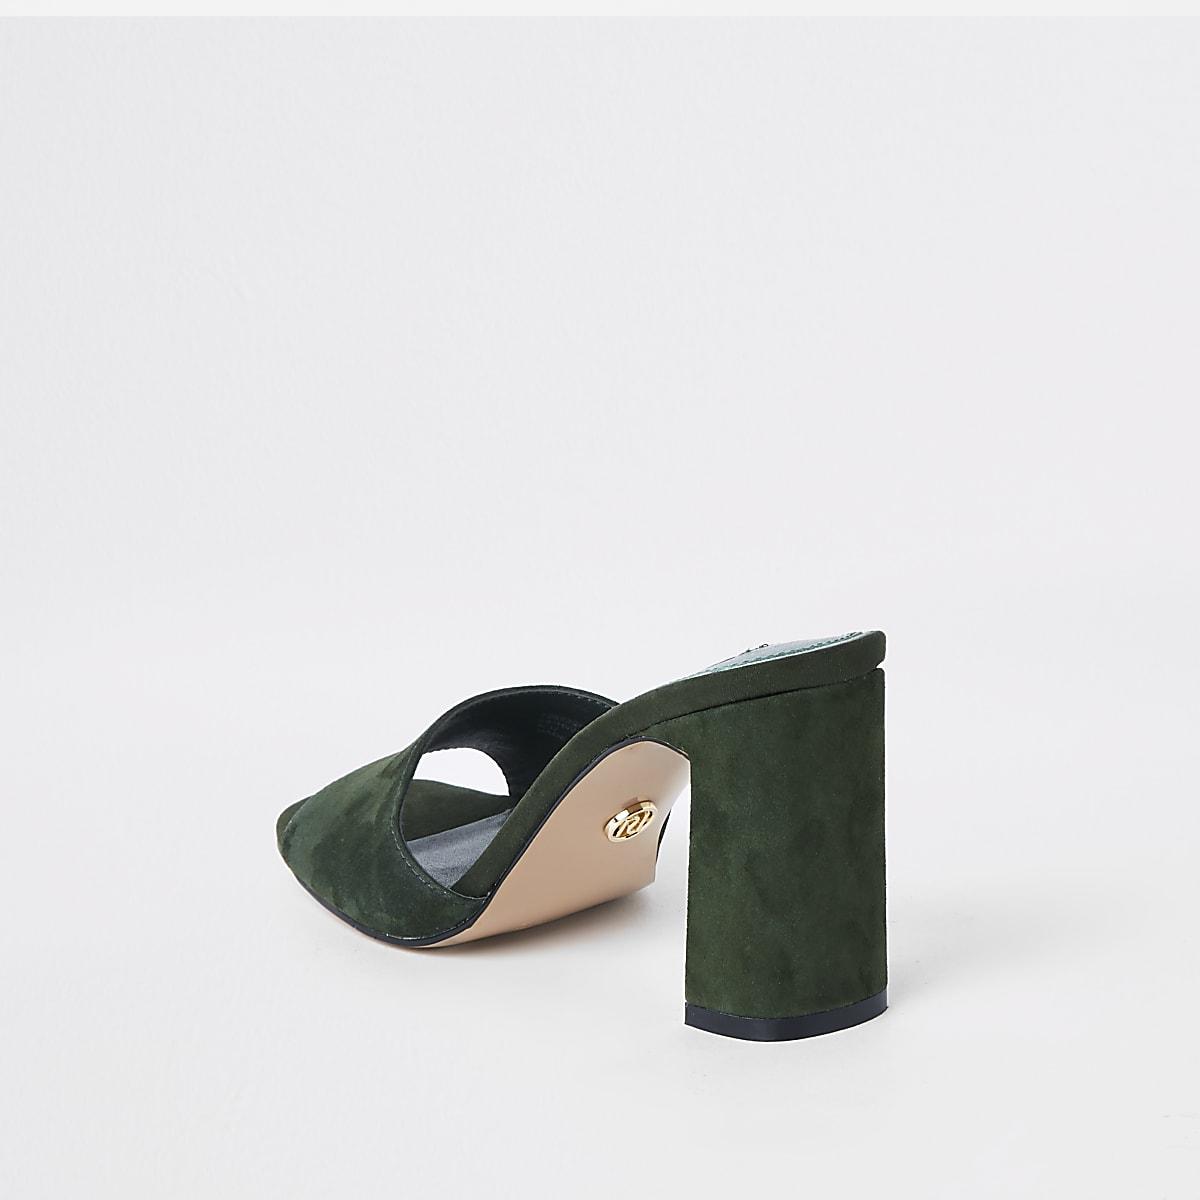 89df095b8ee Khaki suede block heel mules